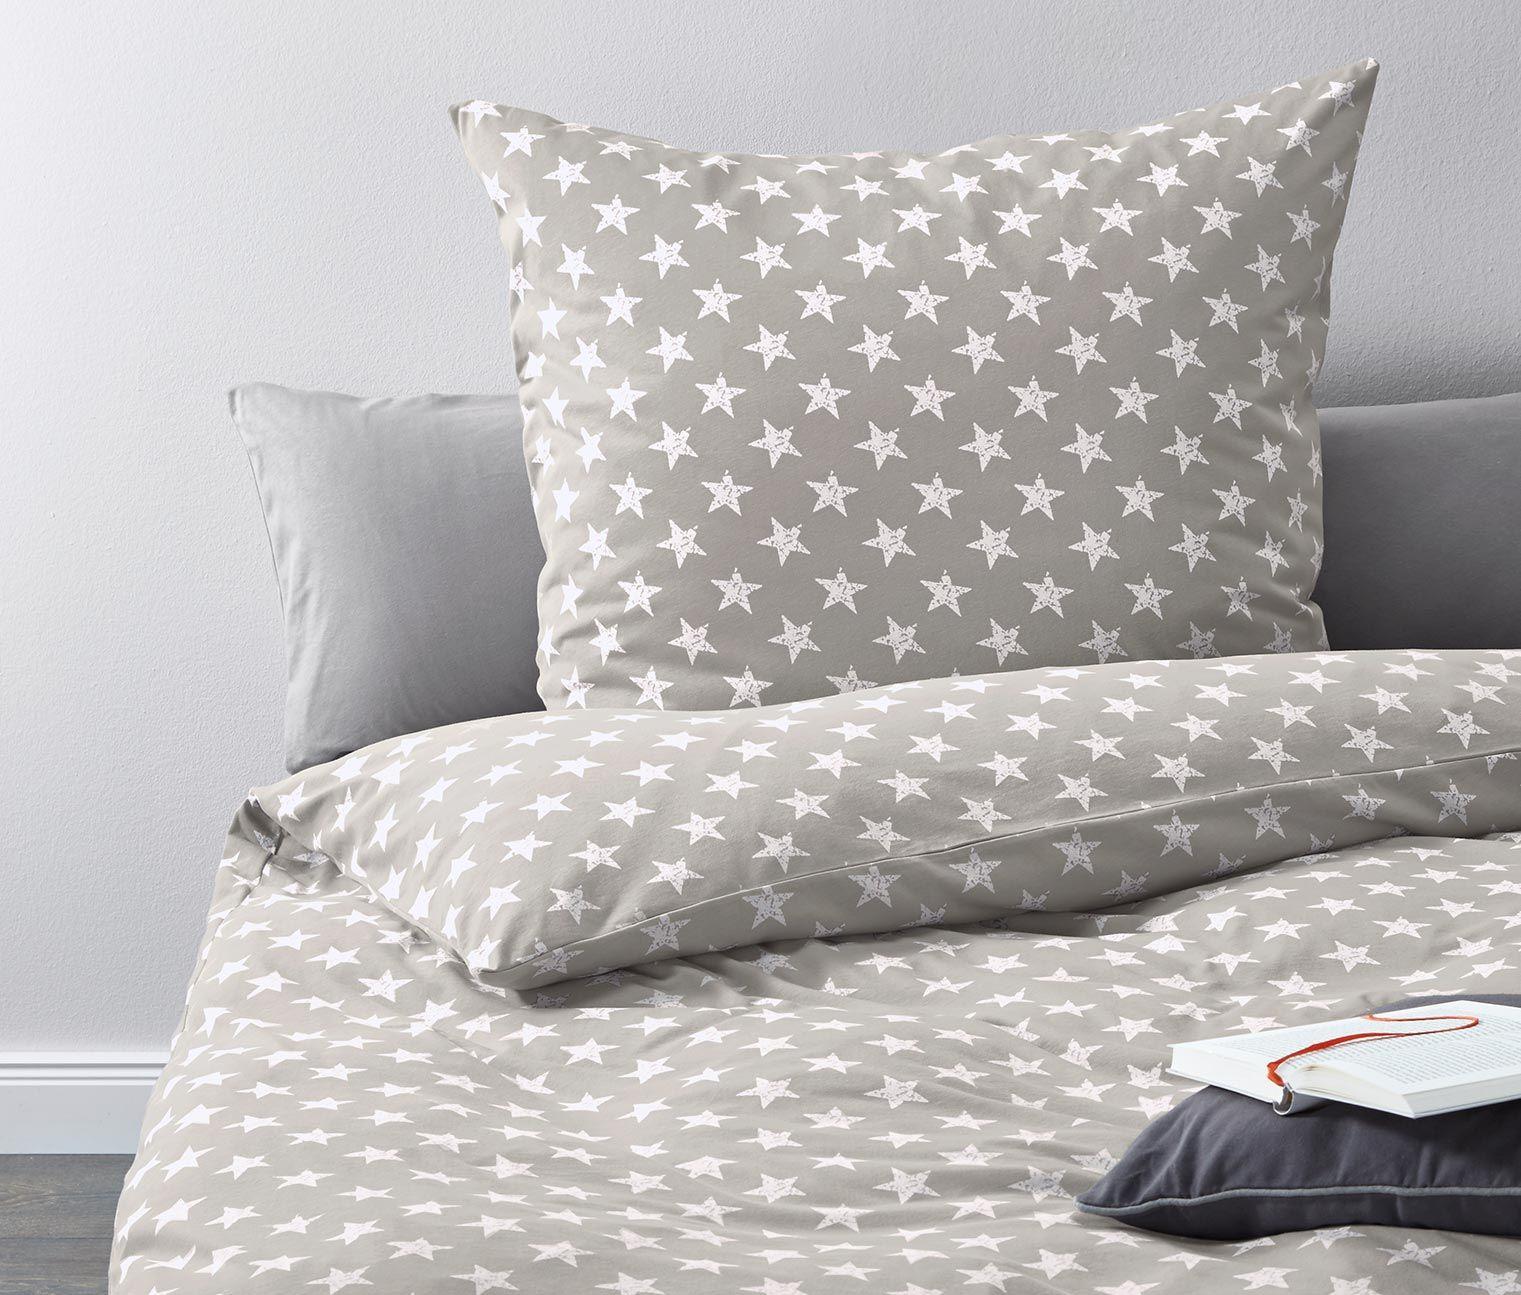 jersey bettw sche grau mit sternen print online bestellen bei tchibo 331610 star decor home. Black Bedroom Furniture Sets. Home Design Ideas